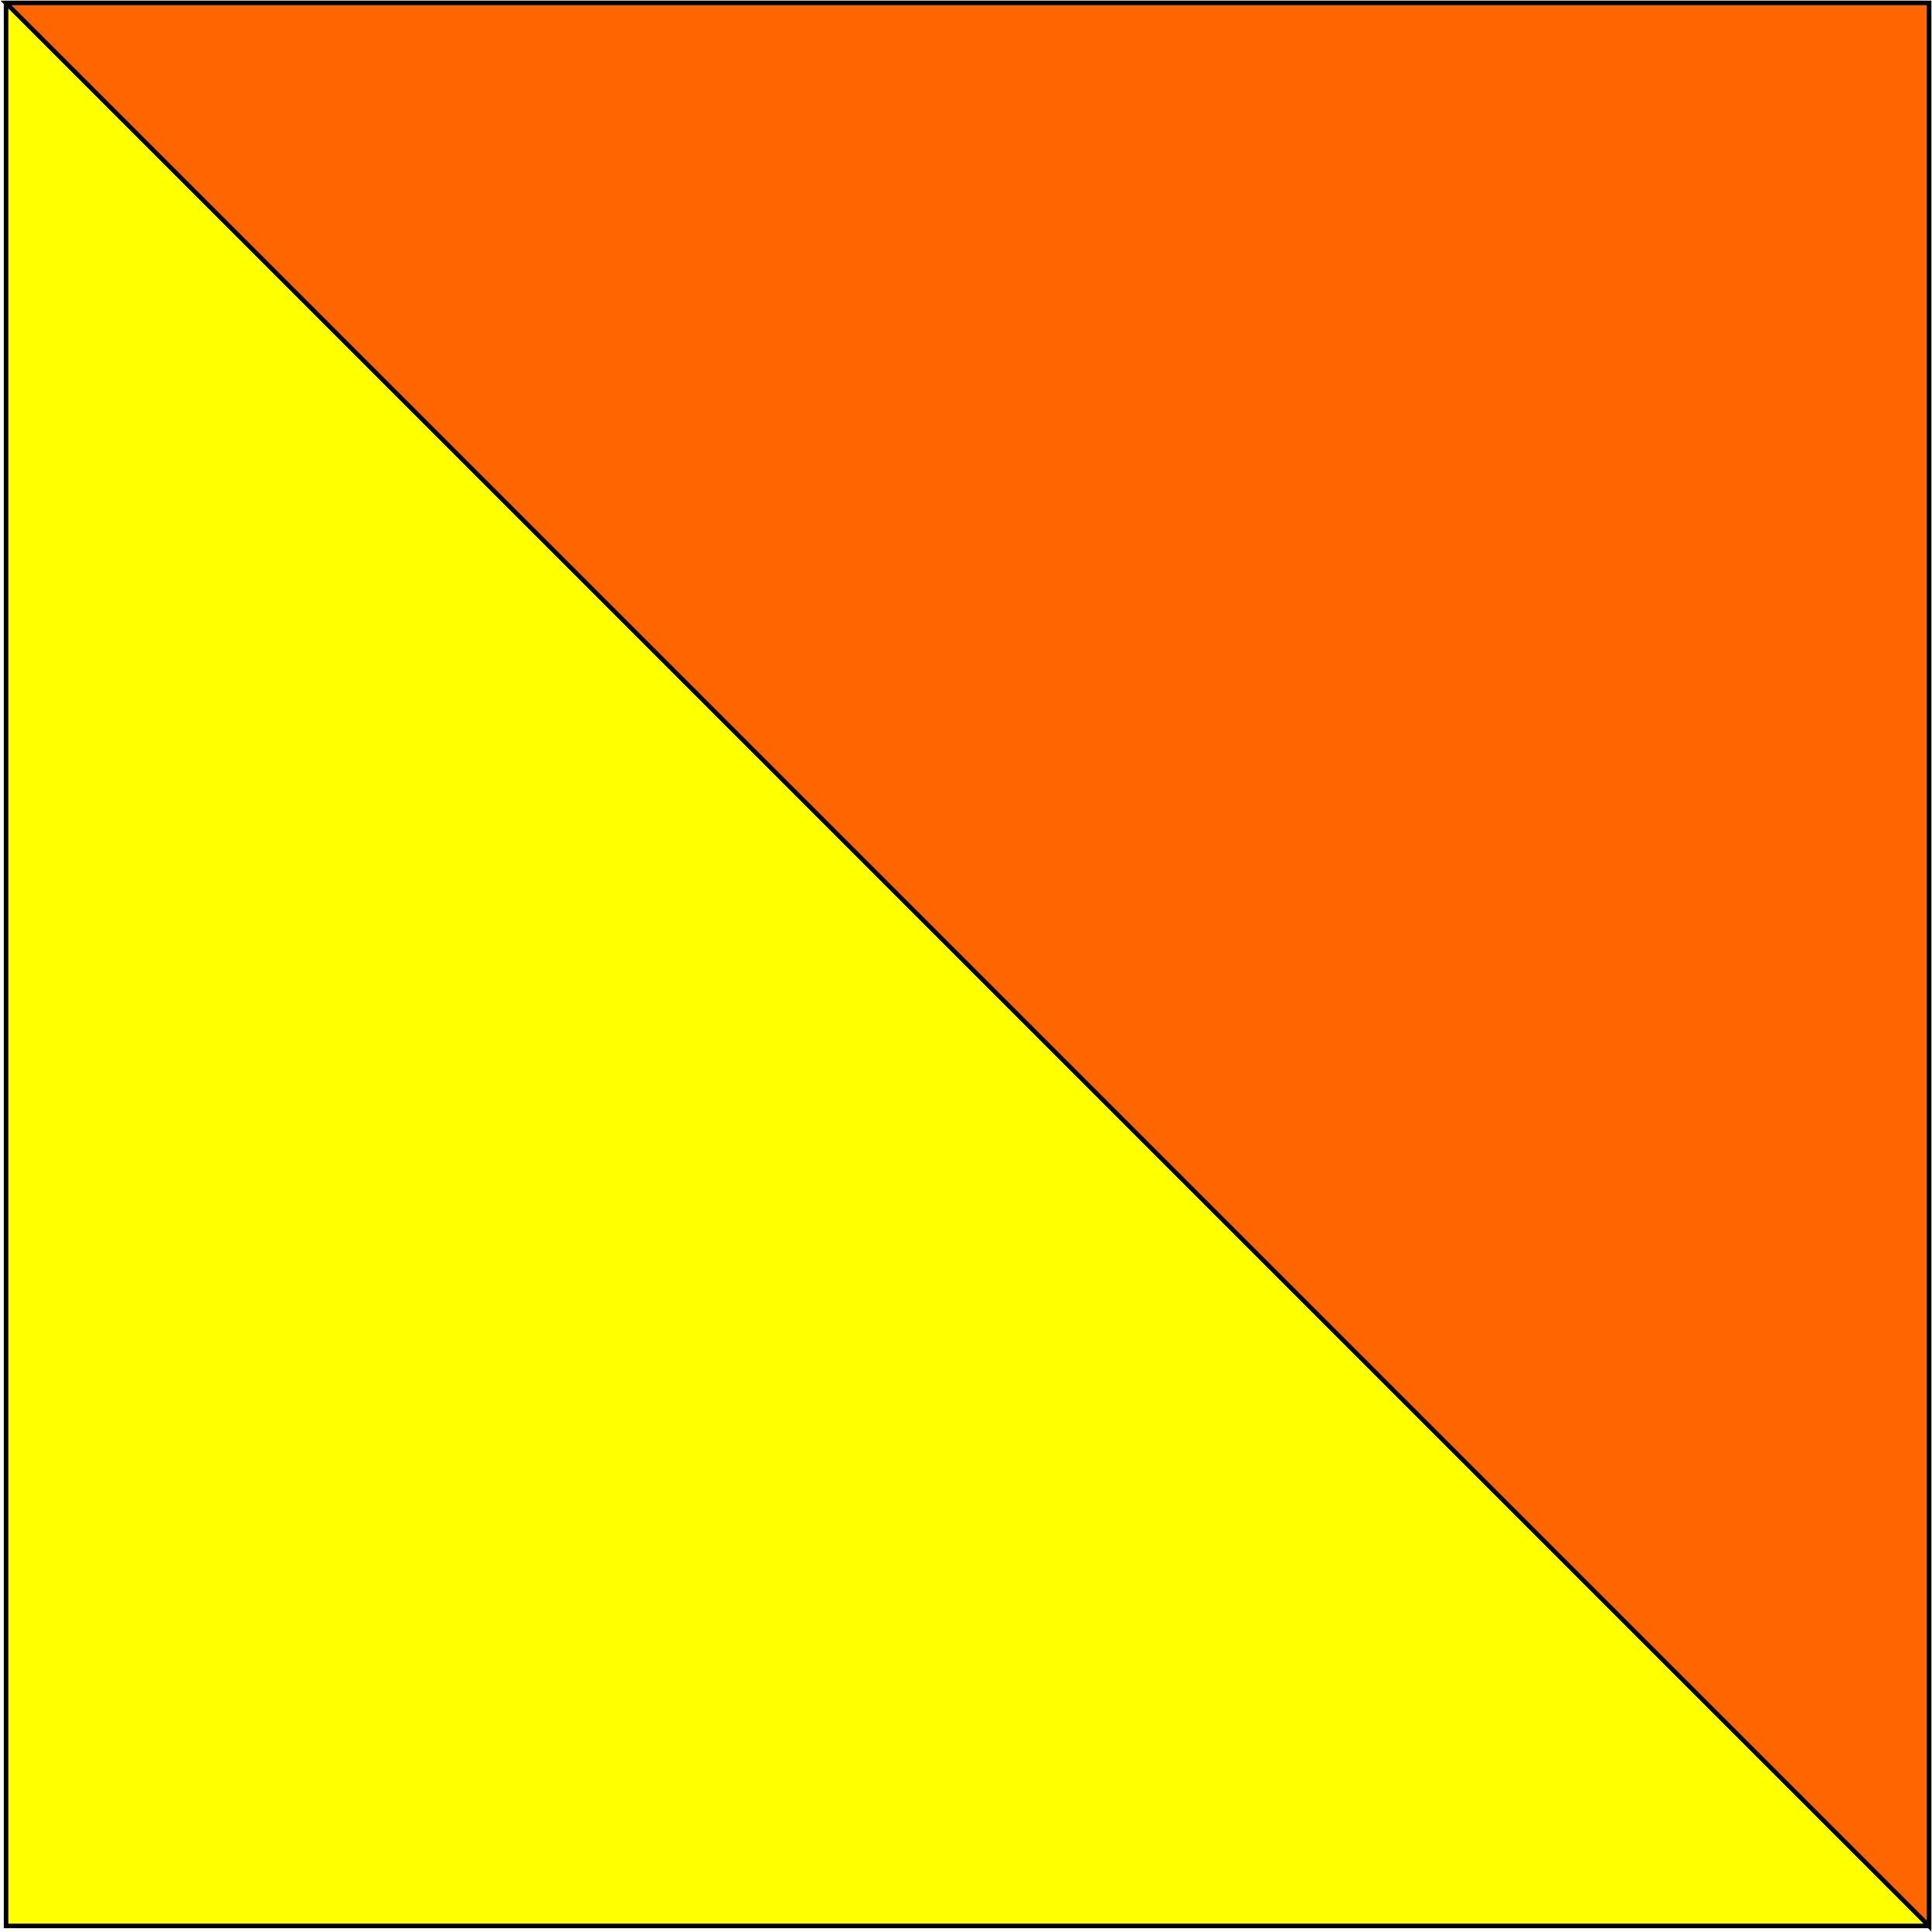 żółty/pomarańczowy